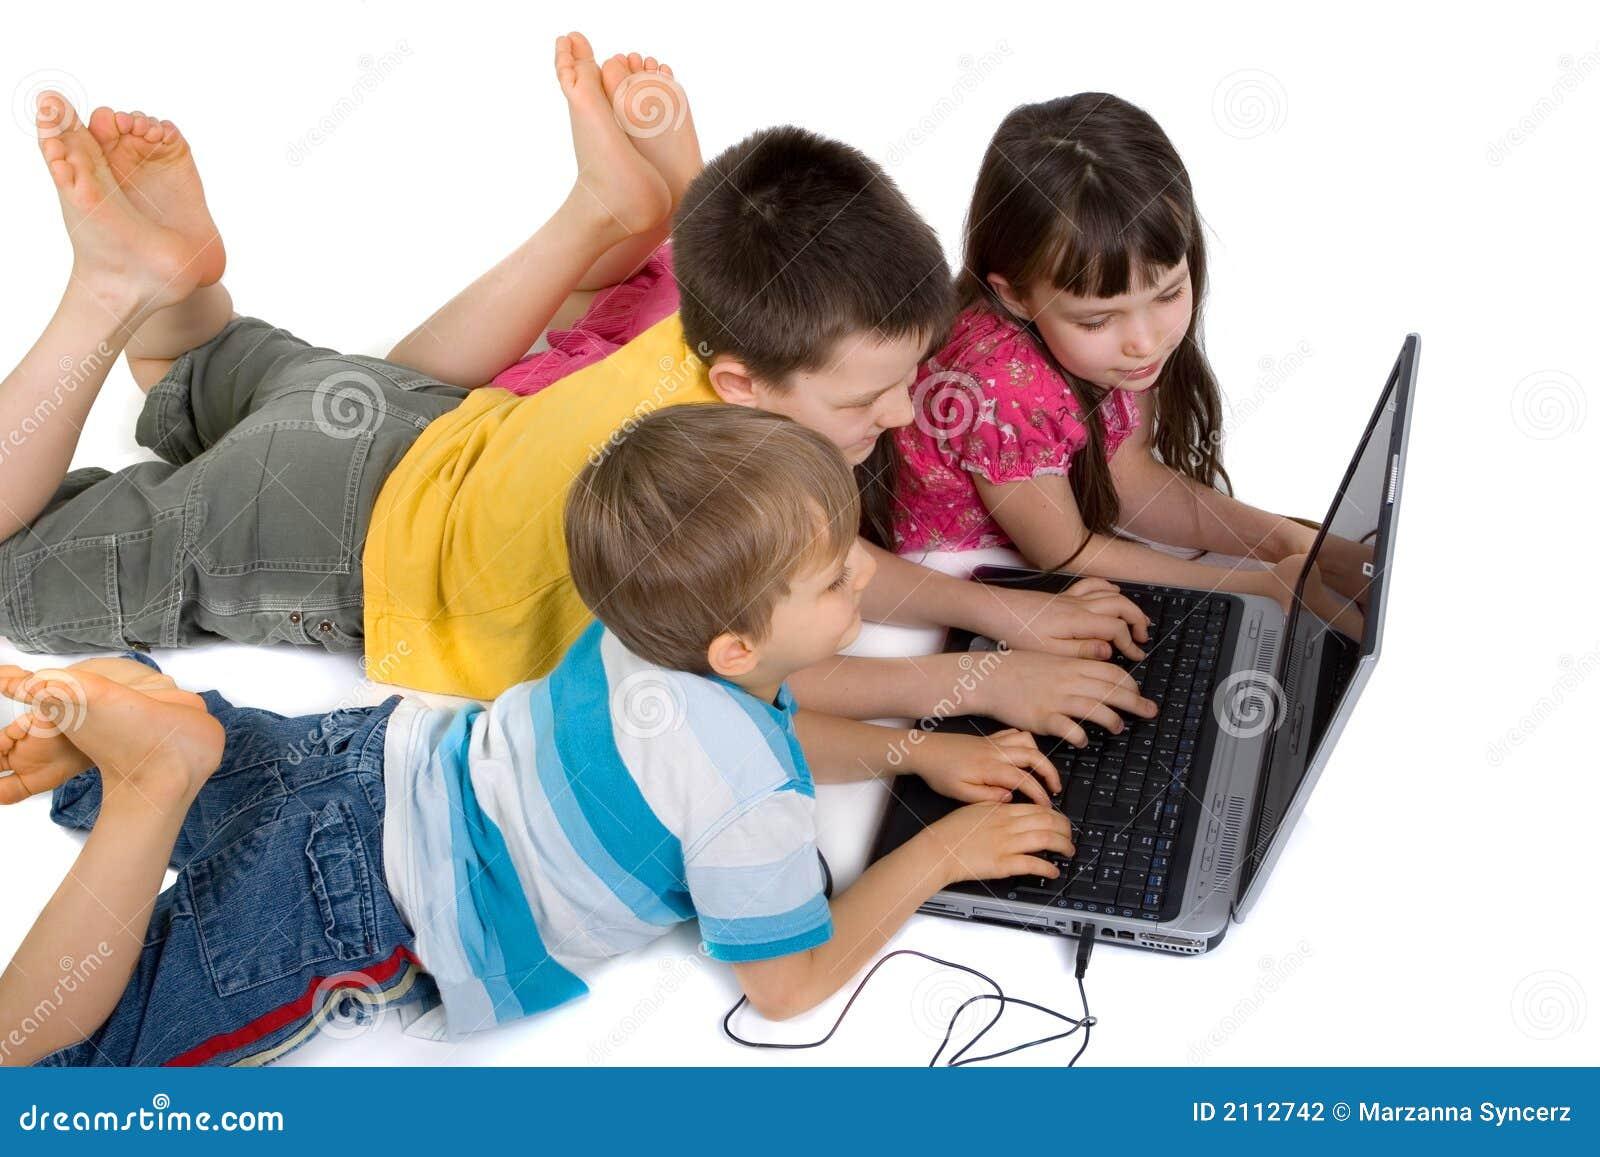 MГјhle Spielen Gegen Computer